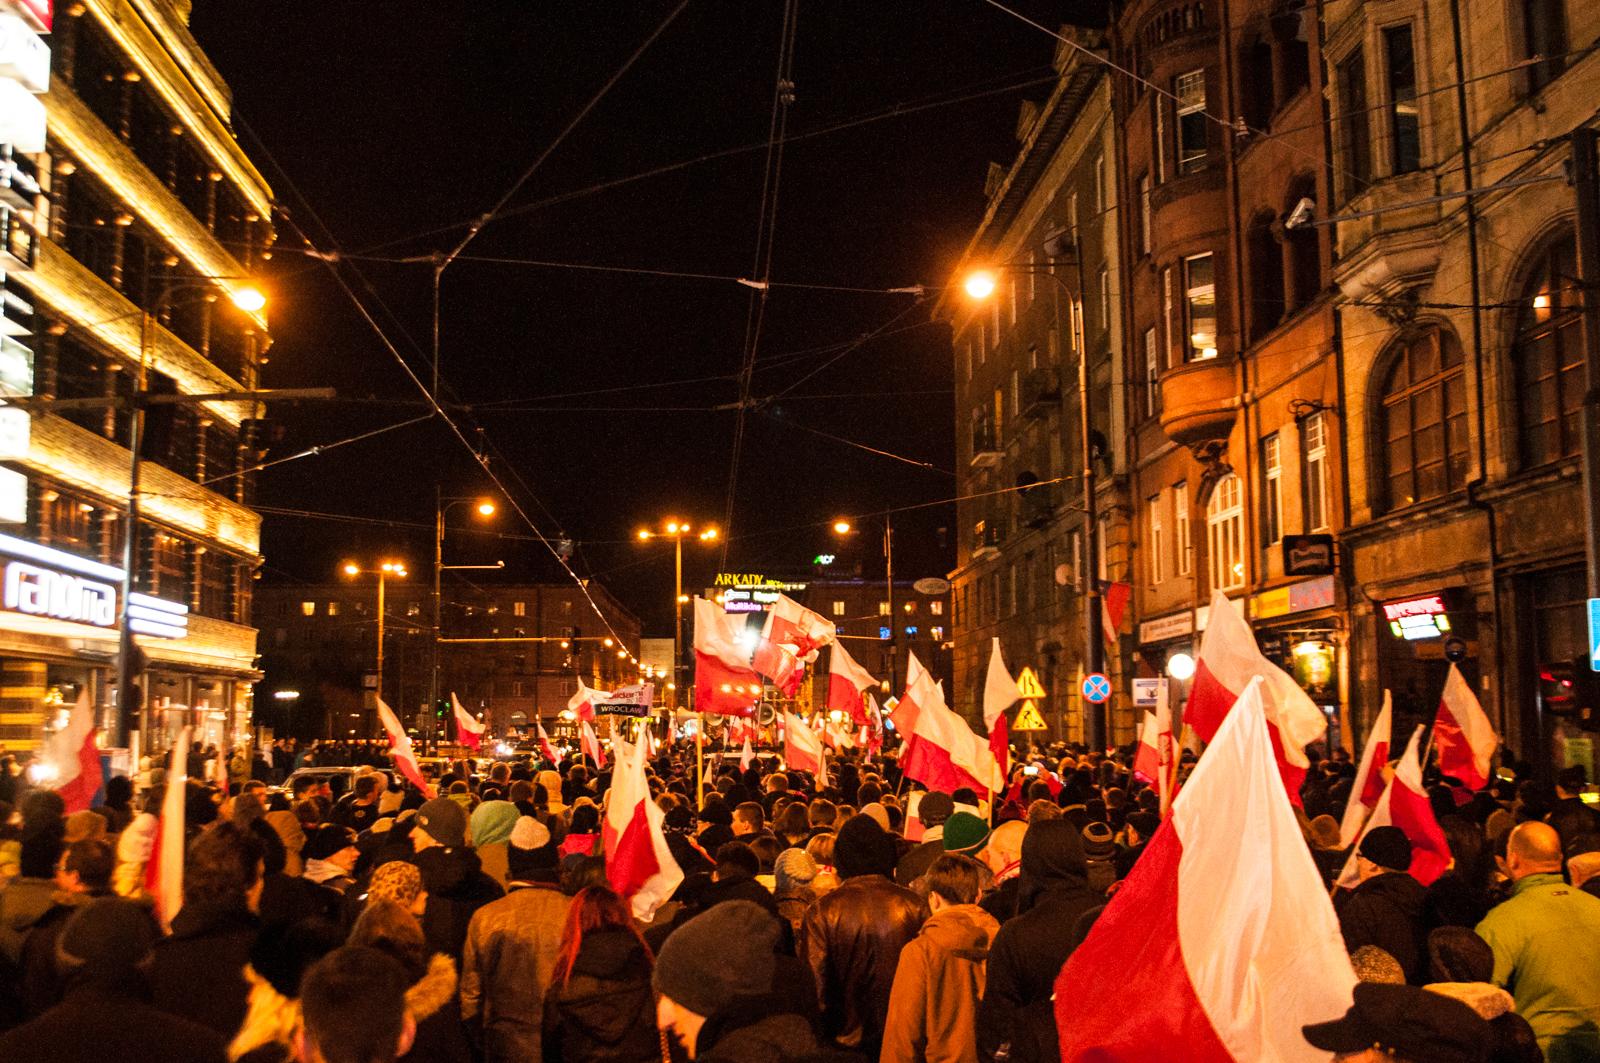 Narodowy Dzień Pamięci Żołnierzy Wyklętych – Marsz Pamięci we Wrocławiu